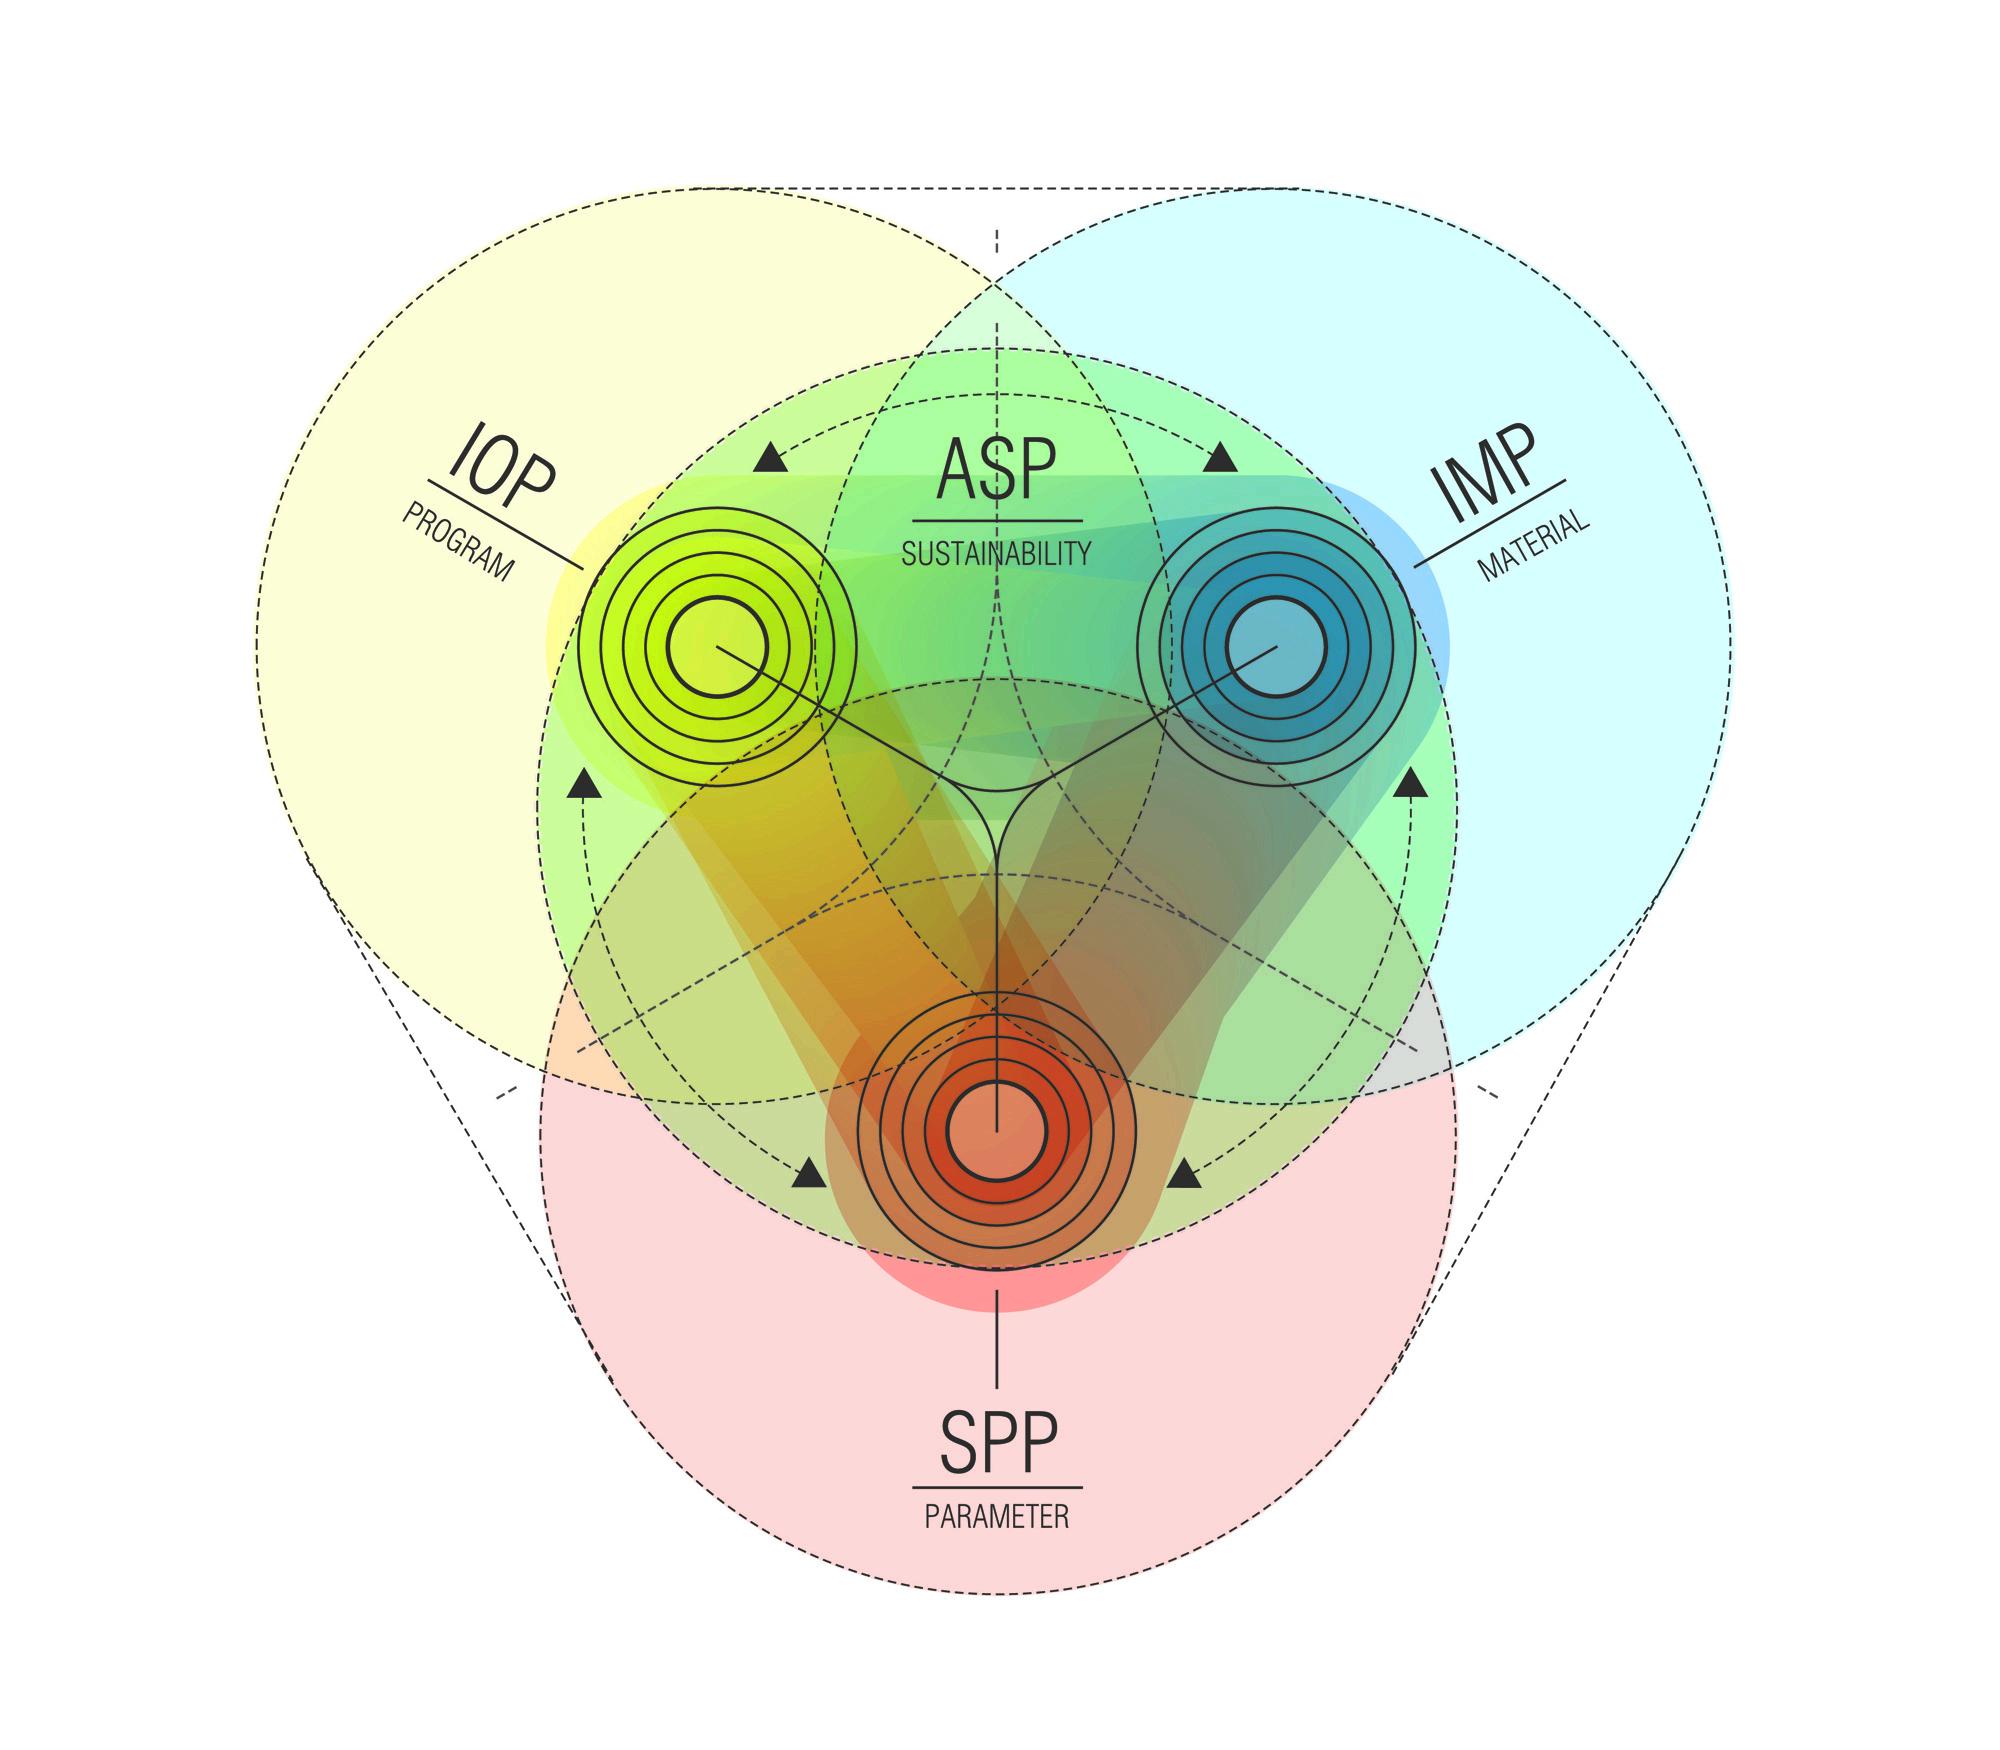 Diagram of the UN Studio Smart Parameter Platform Structure. Image coutesy of UN Studio.